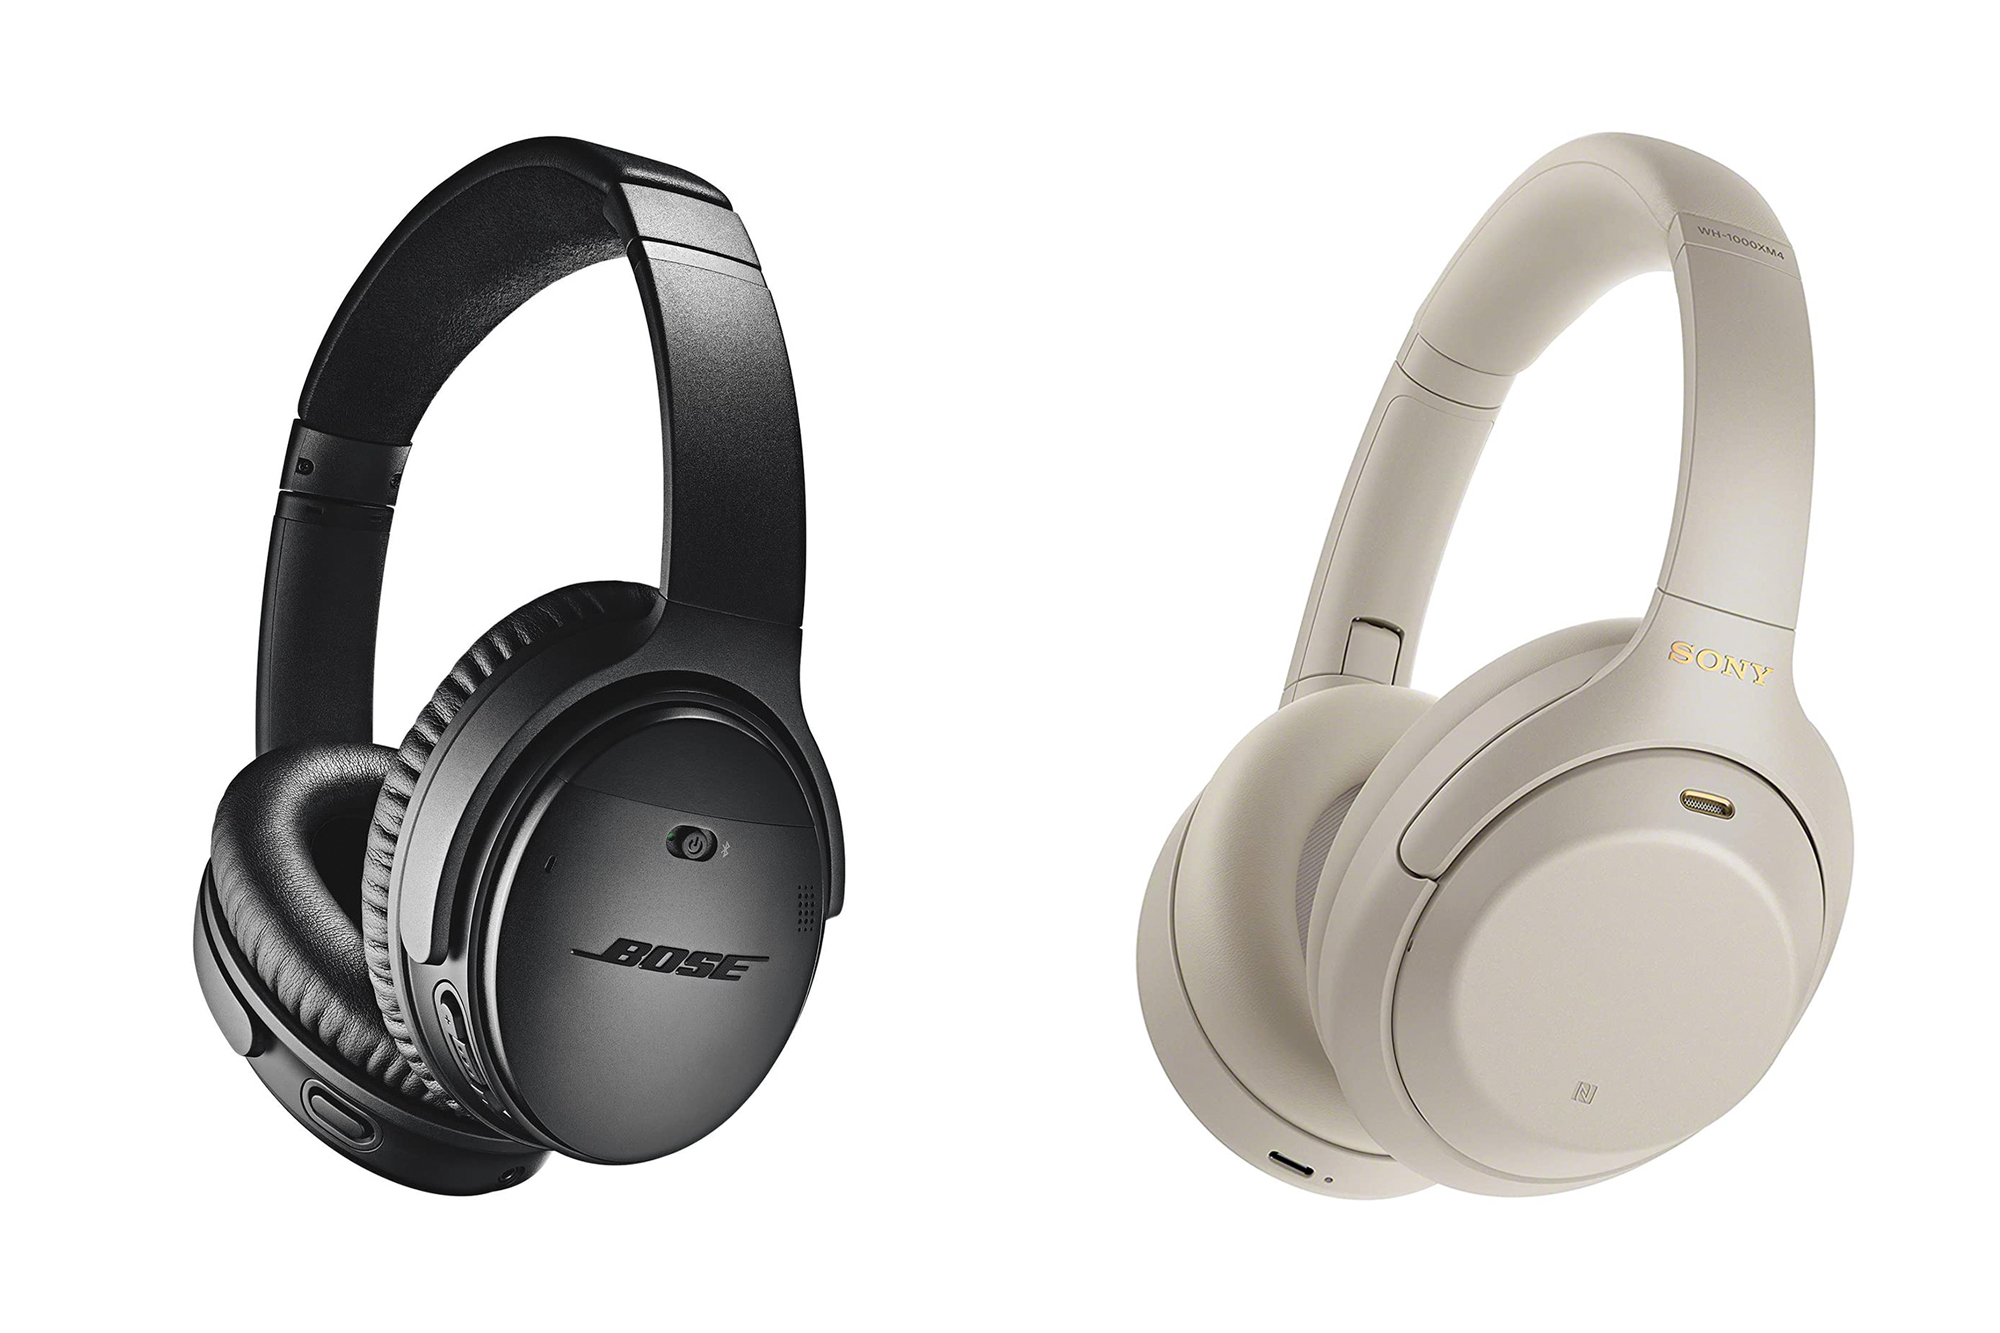 Amazon Prime Day Headphones